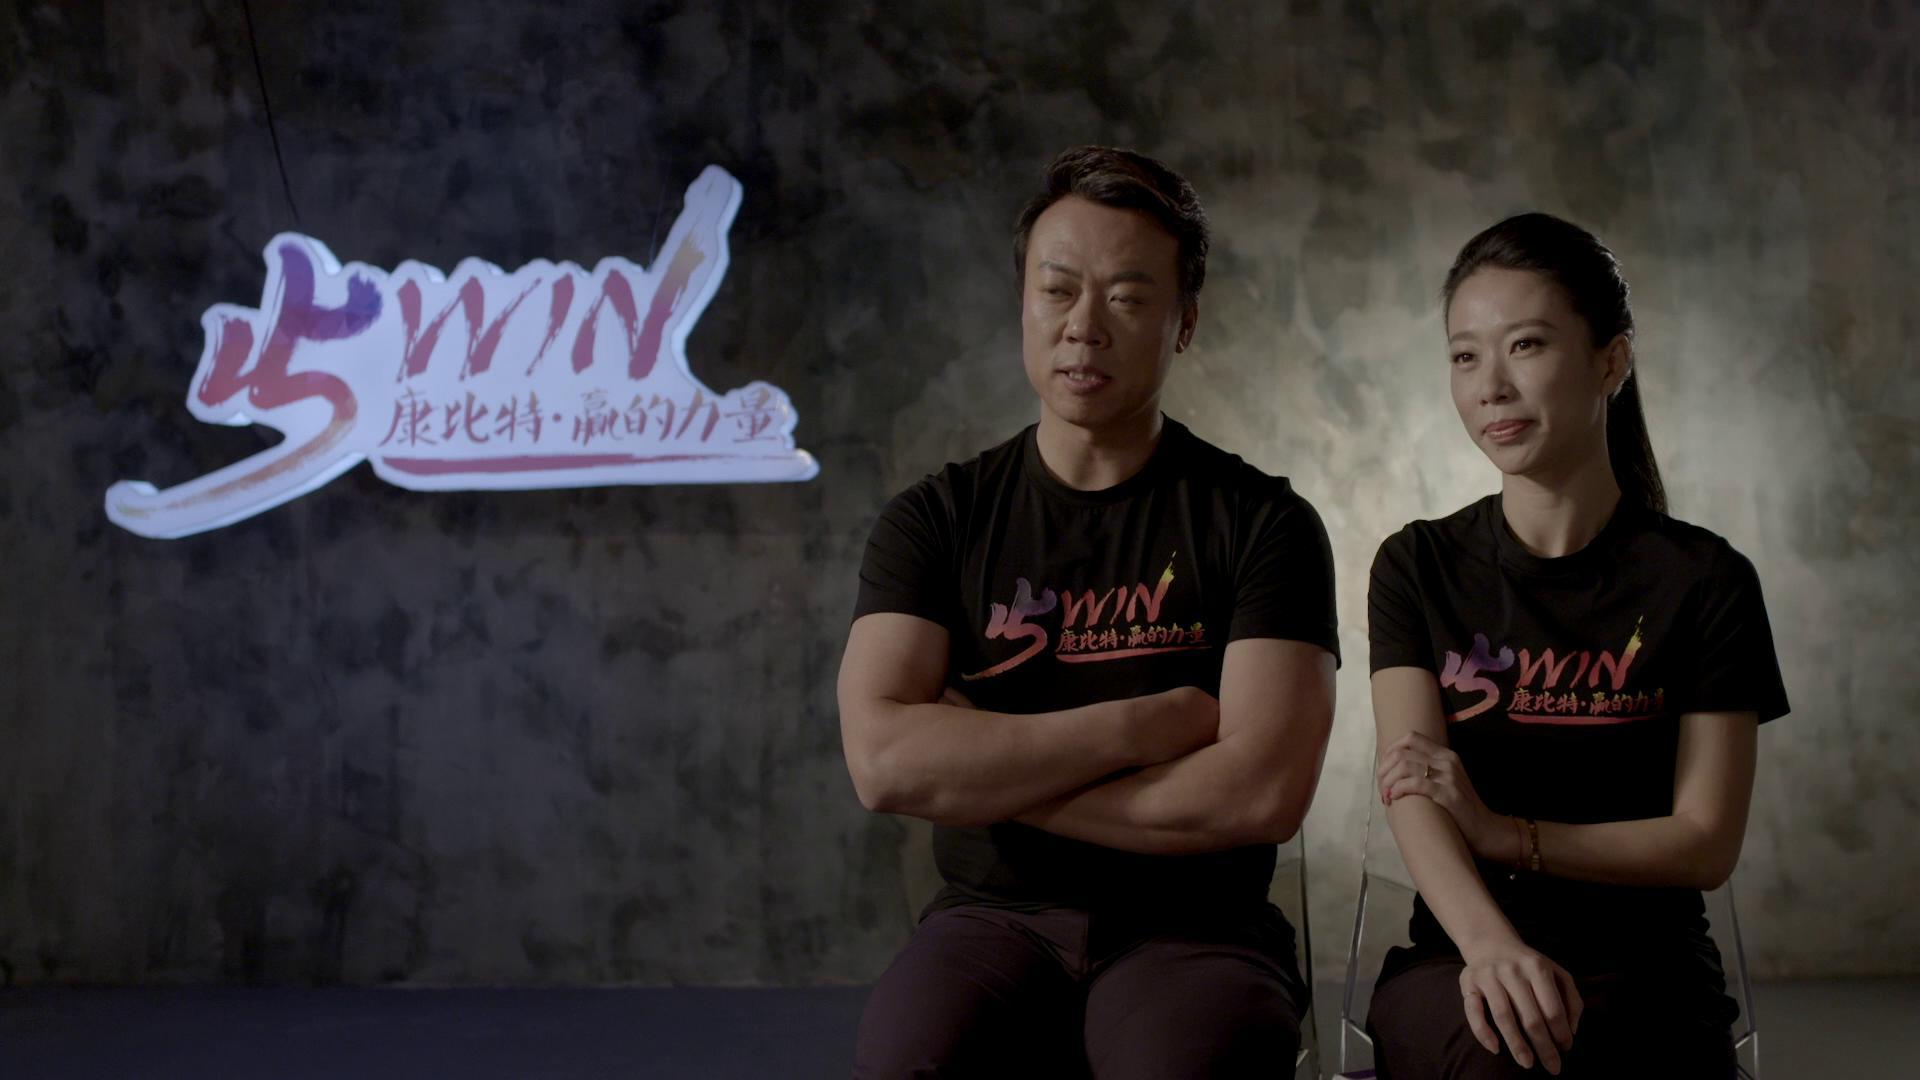 冬奥冠军 申雪&赵宏博-梦想成就赢的力量